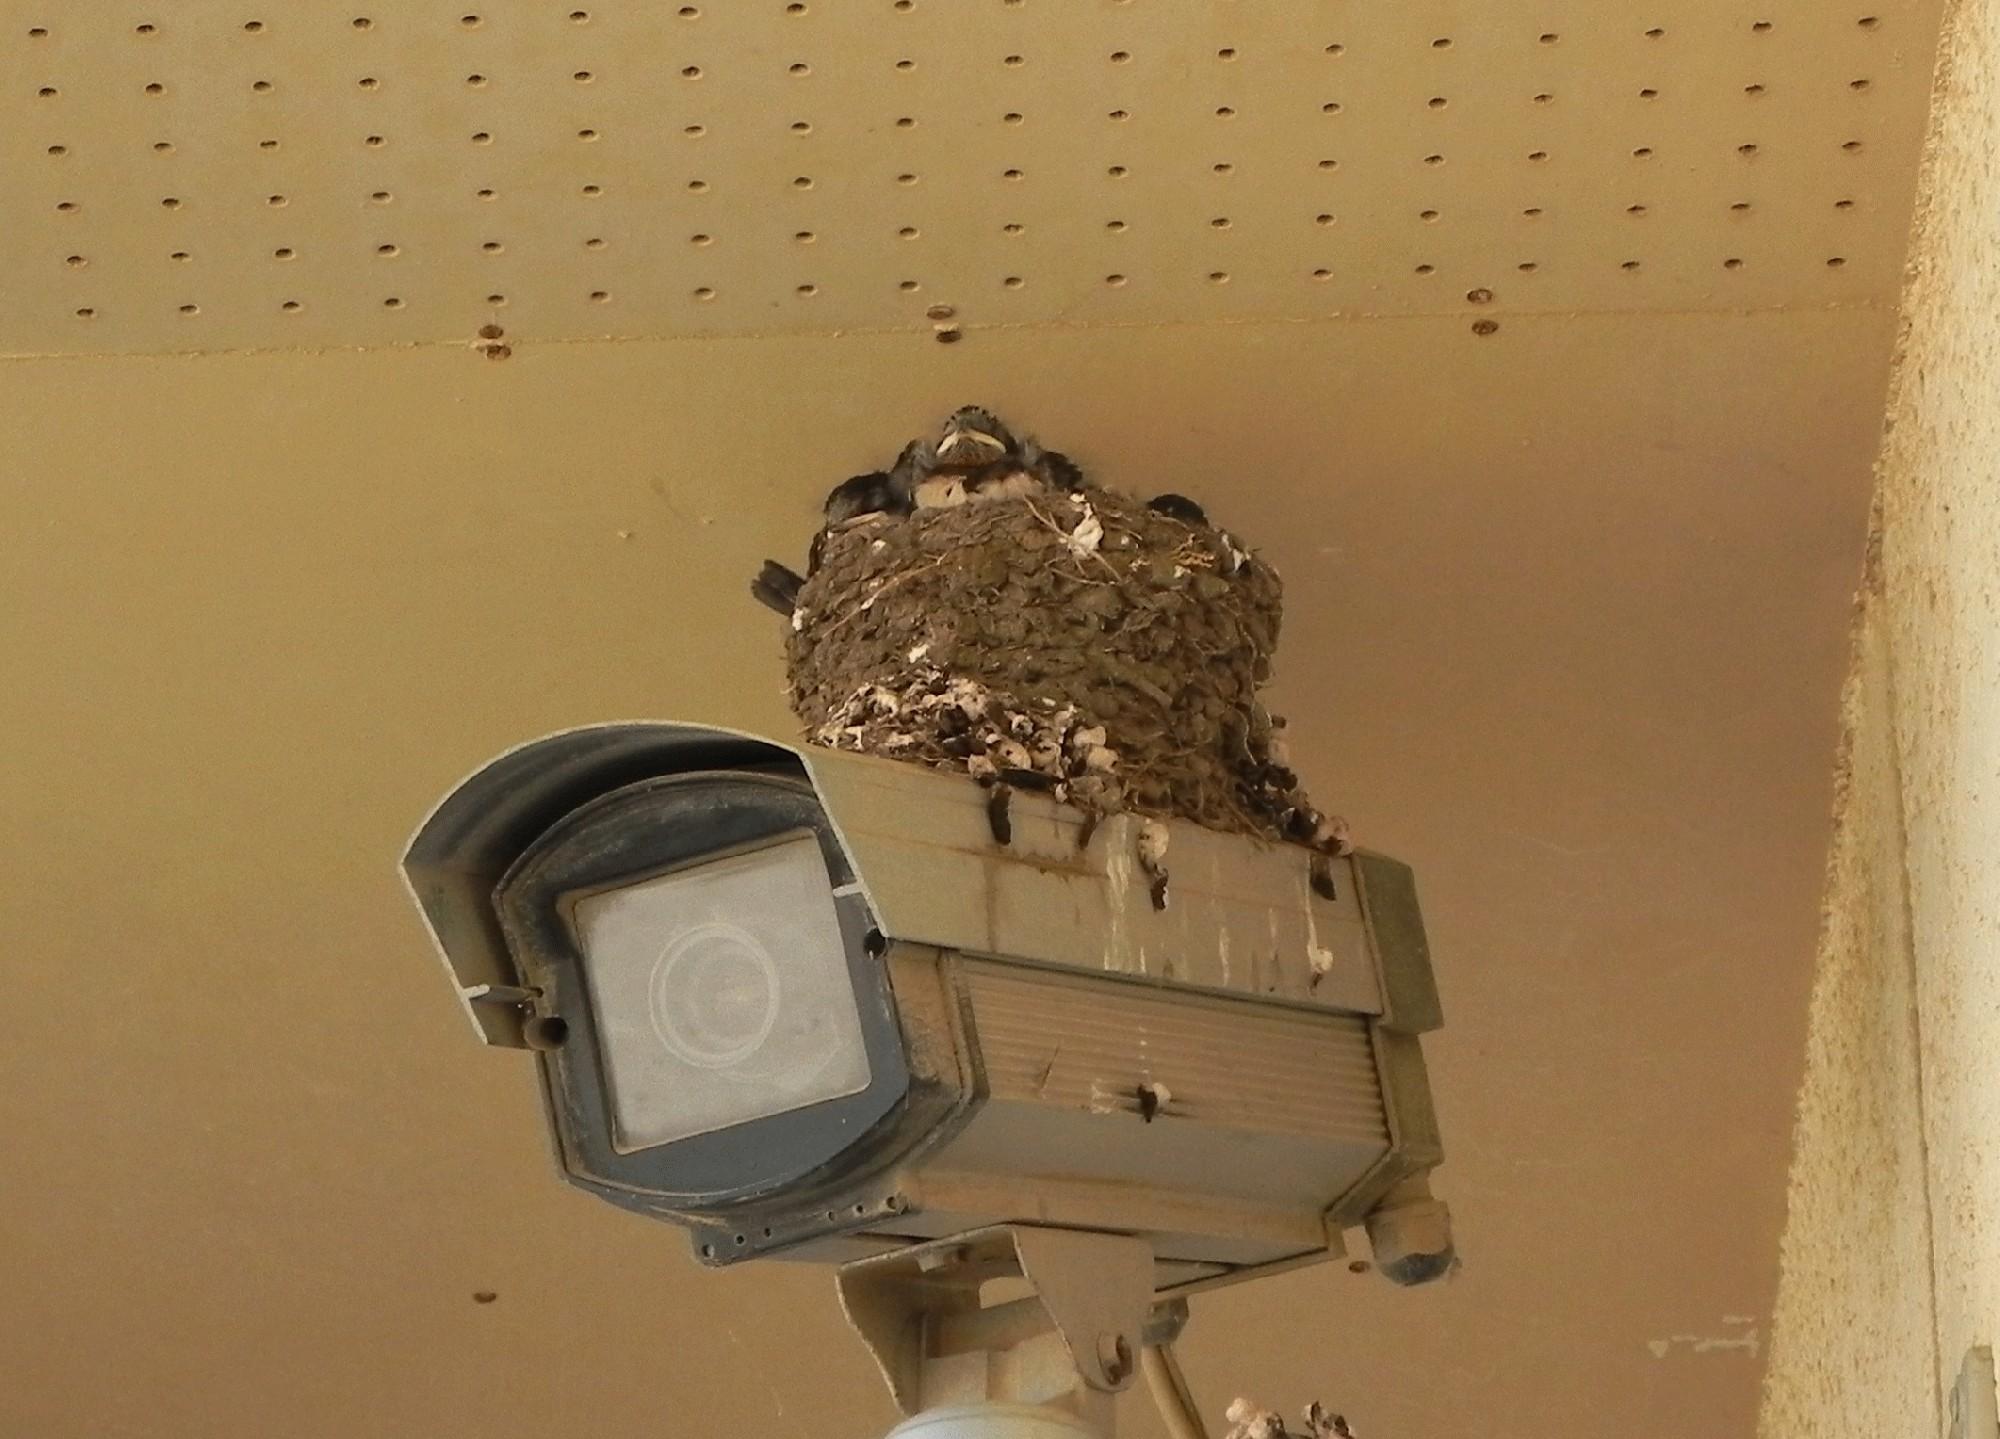 監視カメラの上のツバメの巣